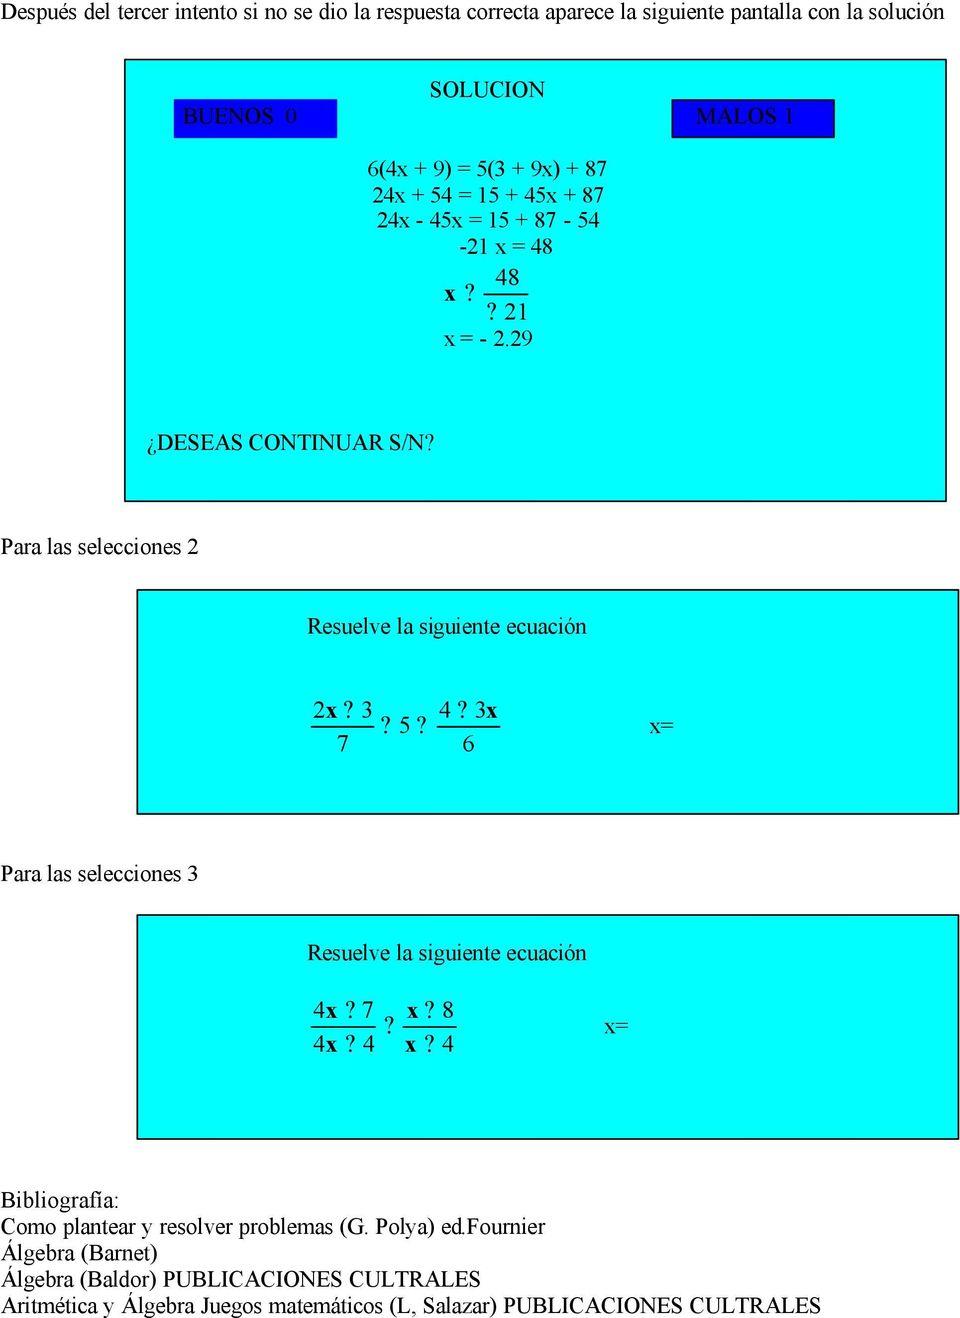 como plantear y resolver problemas libro pdf